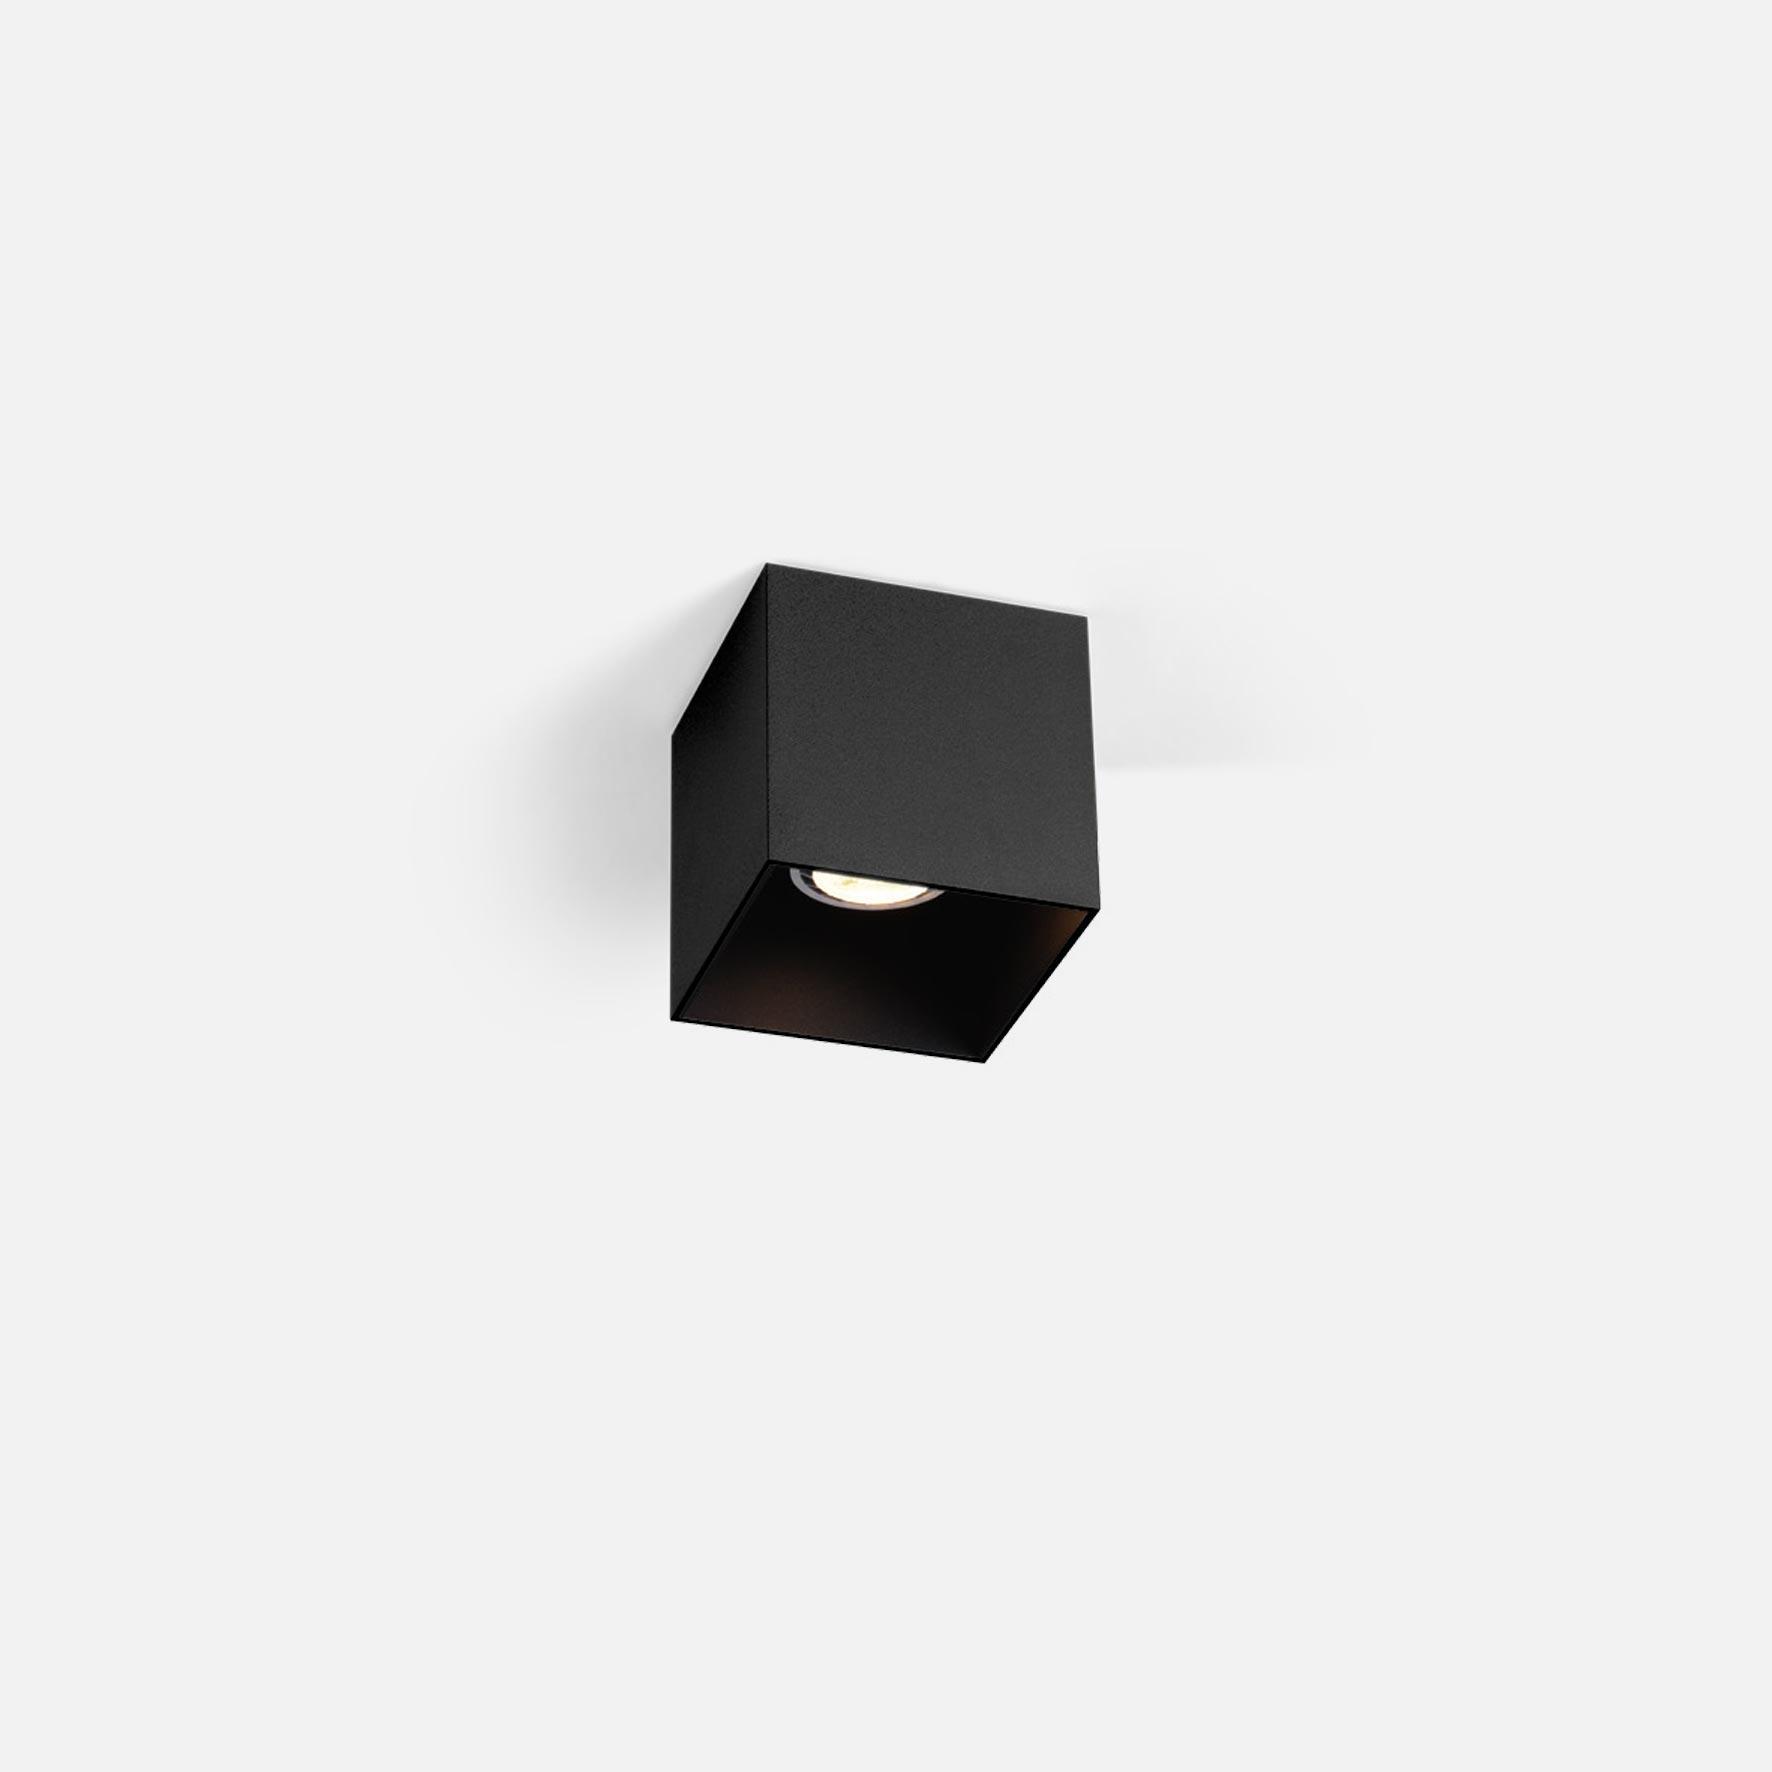 Box 1.0 led black texture 1800 2850k